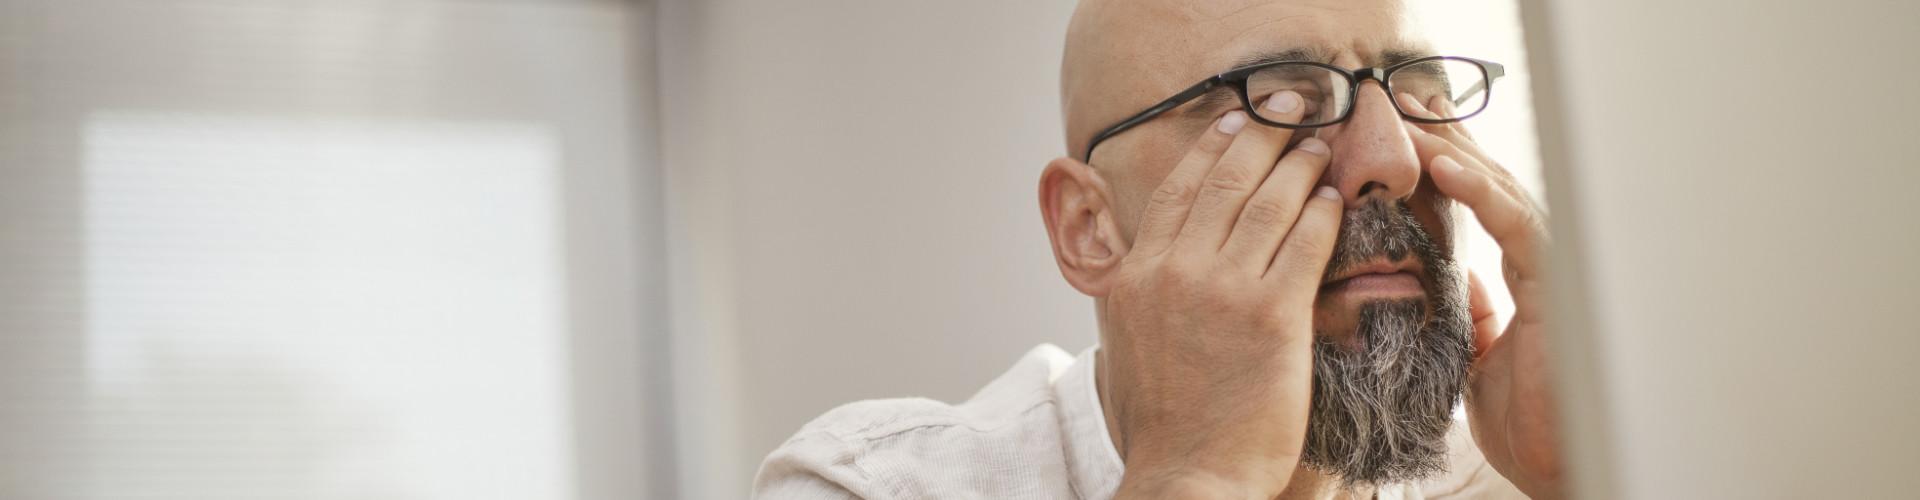 Ein Mann sitzt vor dem Bildschirm und reibt sich erschöpft die Augen © sebra, stock.adobe.com